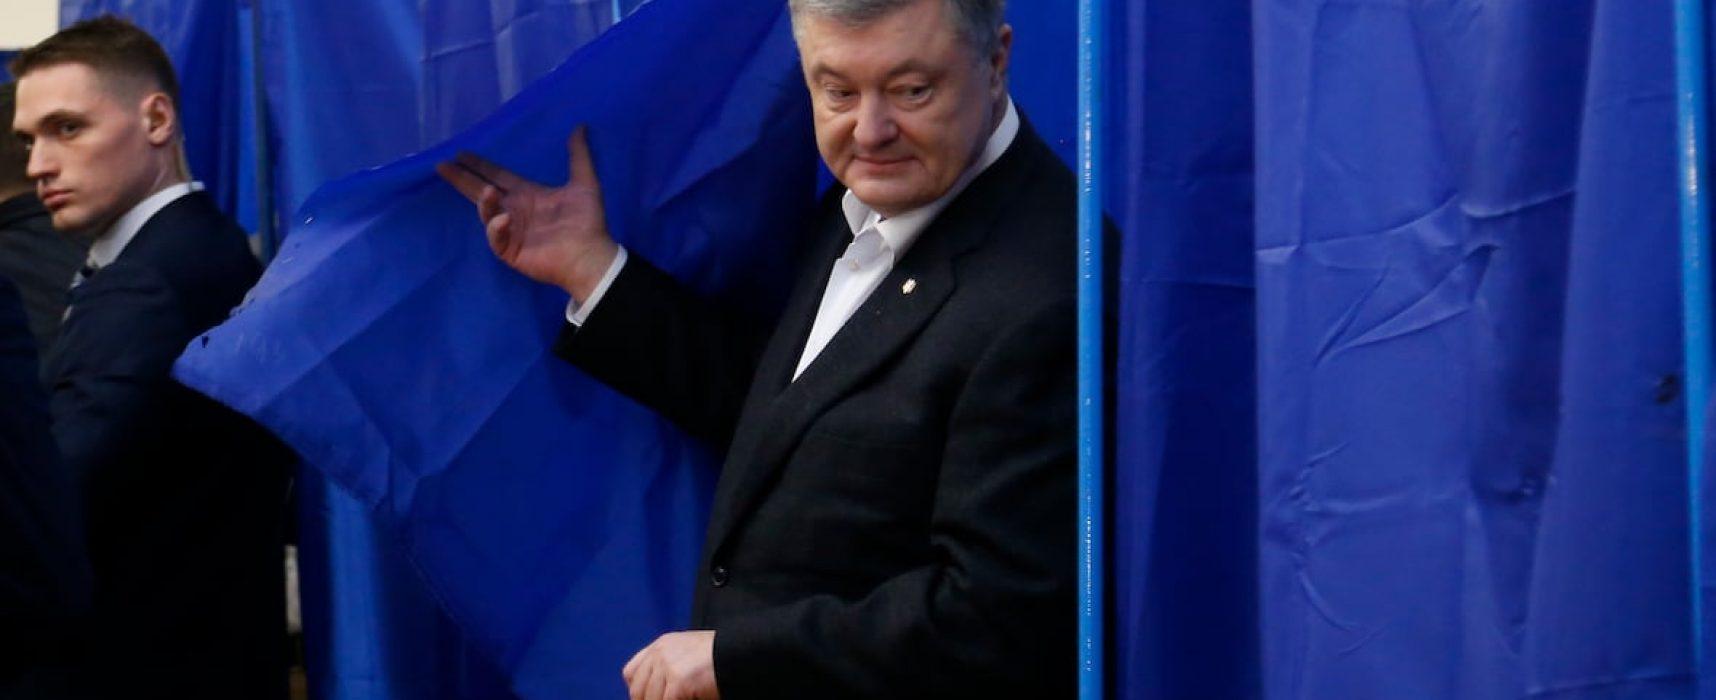 Fake Programu Pierwszego telewizji rosyjskiej: Amerykańscy eksperci uznali, że antyrosyjska polityka Poroszenki stała się powodem jego przegranej w wyborach